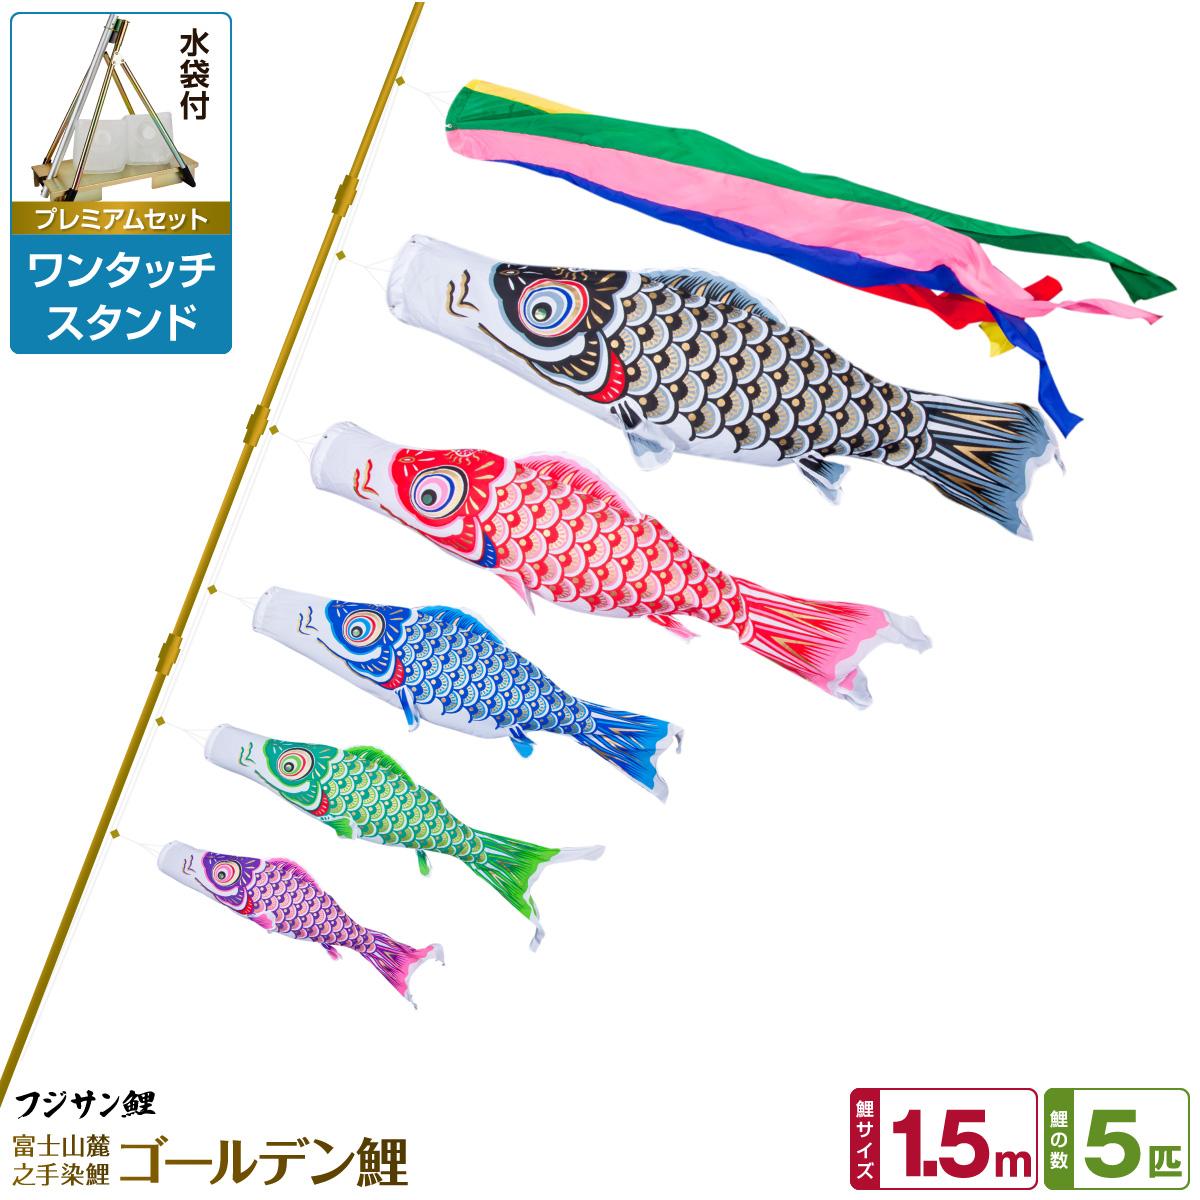 ベランダ用 こいのぼり 鯉のぼり フジサン鯉 ゴールデン鯉 1.5m 8点(吹流し+鯉5匹+矢車+ロープ)/プレミアムセット(ワンタッチスタンド)